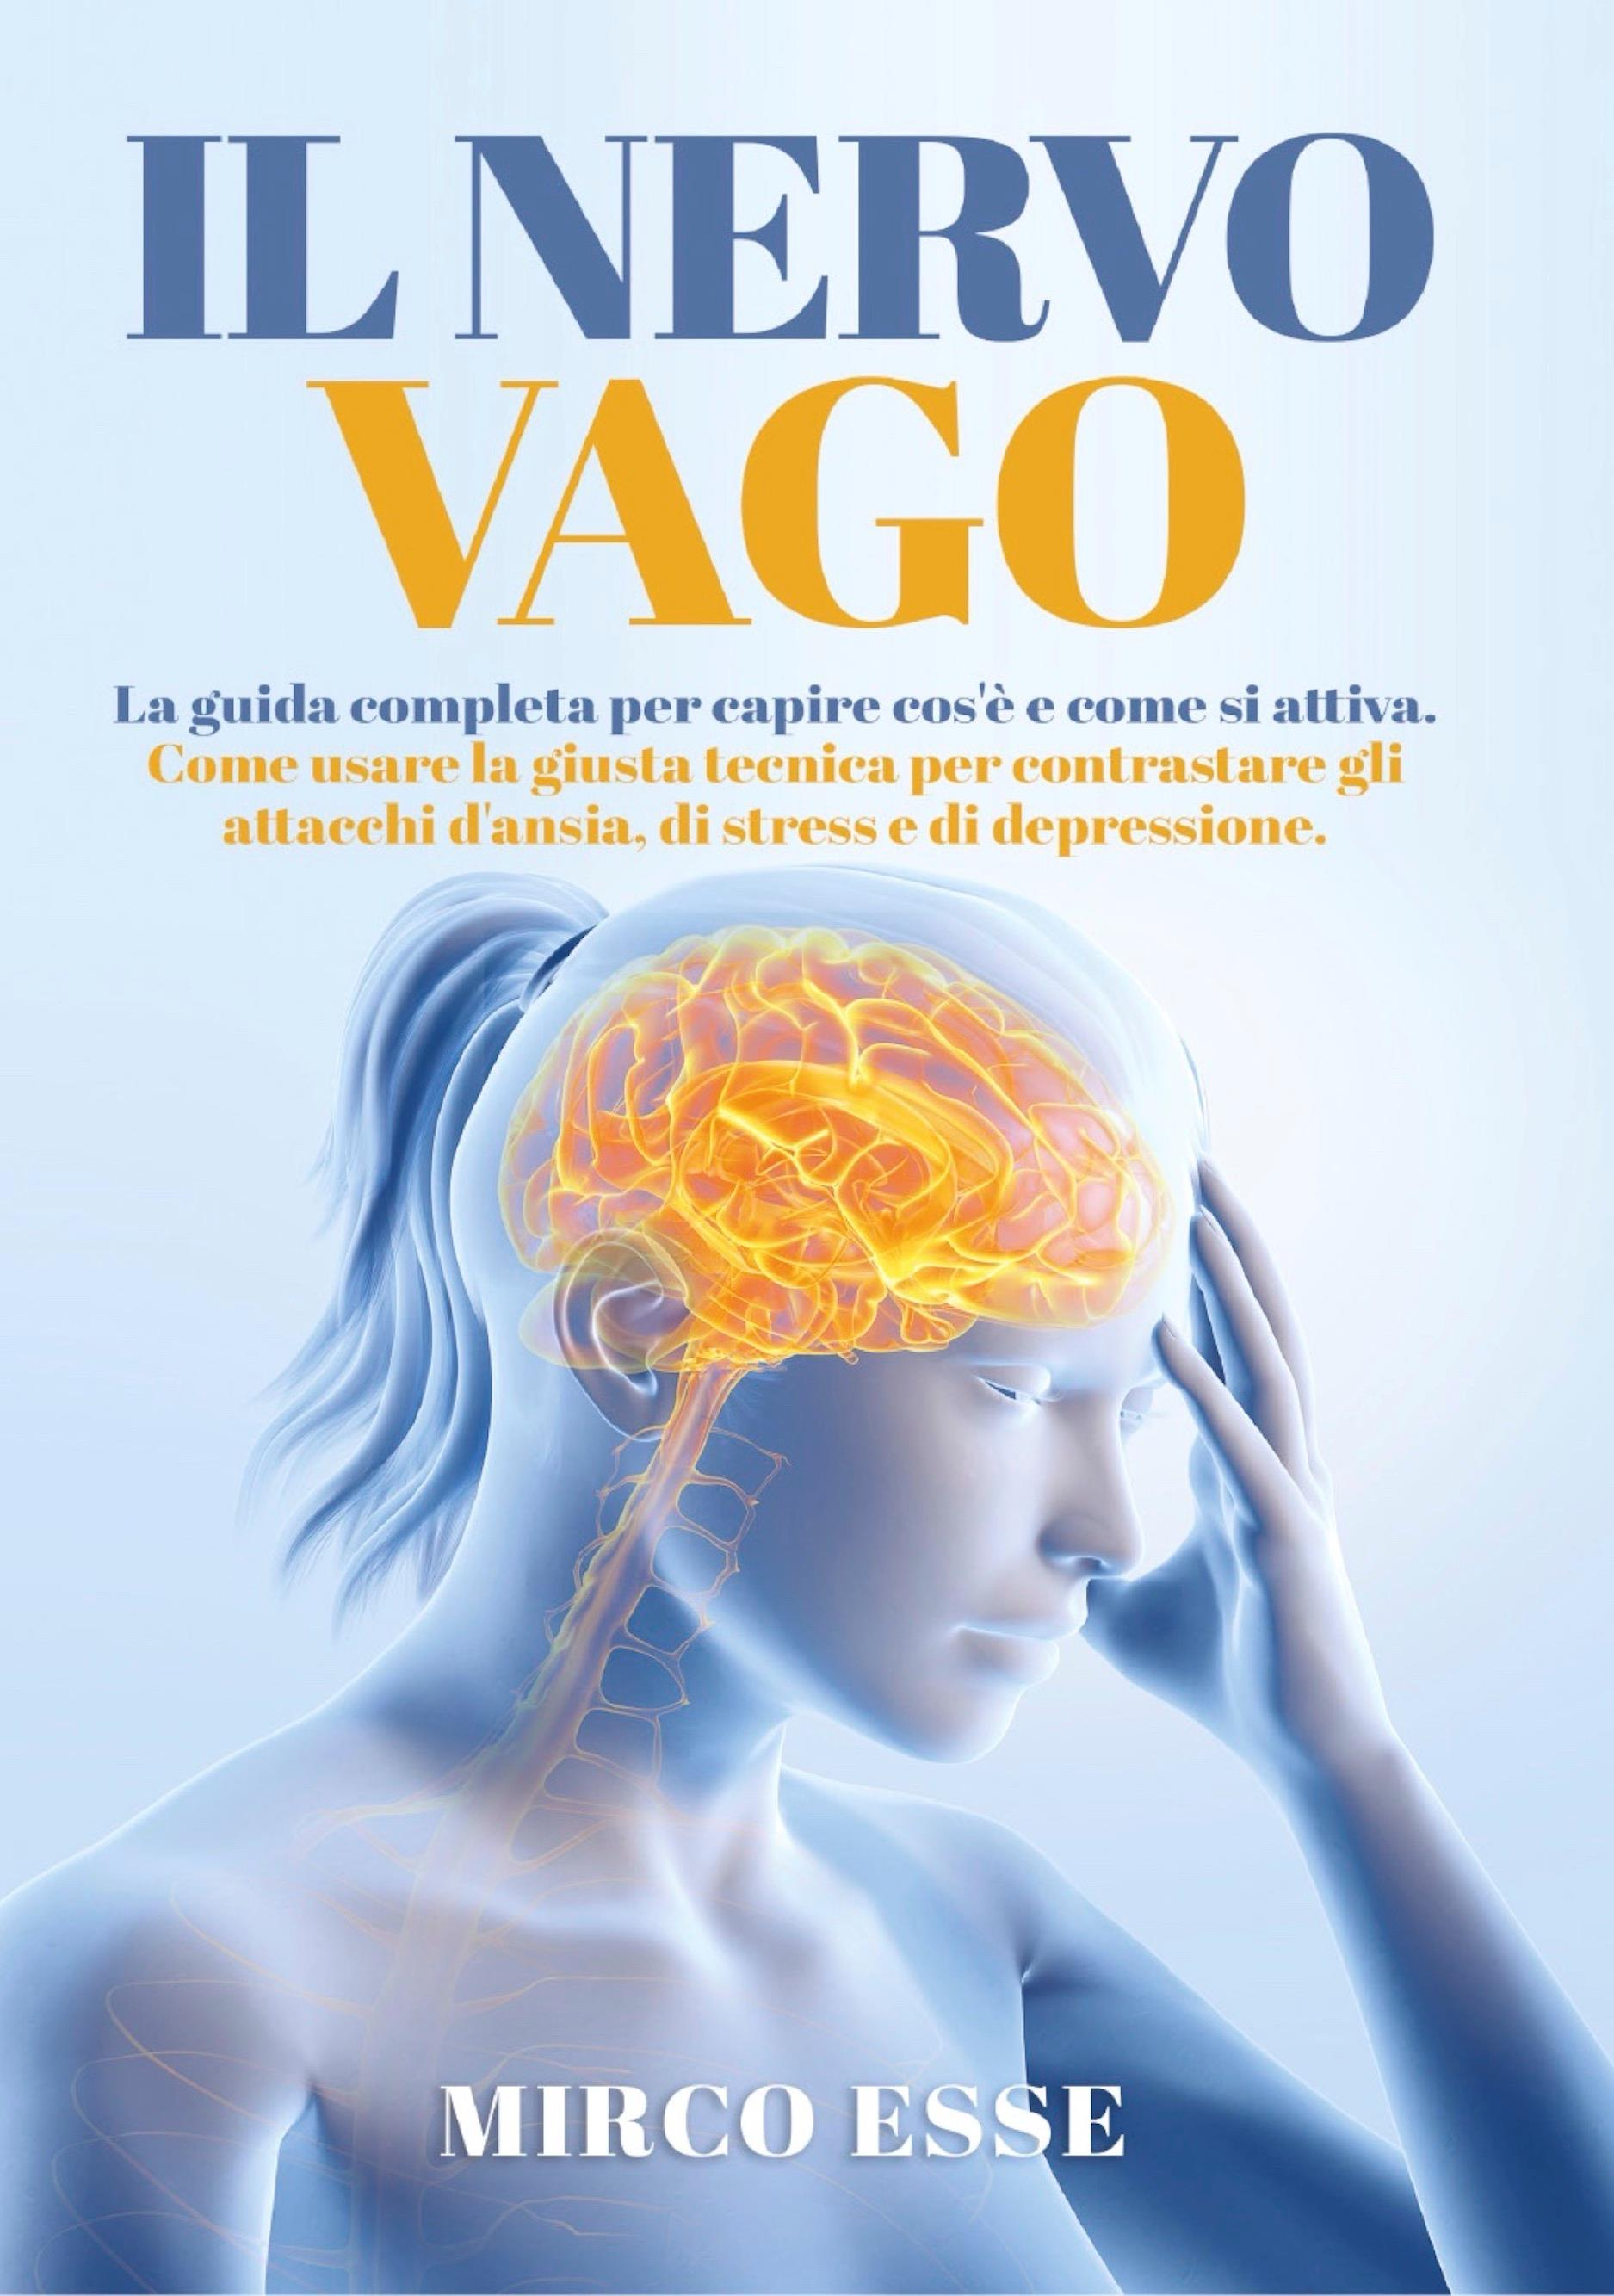 Il Nervo Vago. La guida completa per capire cos'è e come si attiva. Come usare la giusta tecnica per contrastare gli attacchi d'ansia, di stress e di depressione.